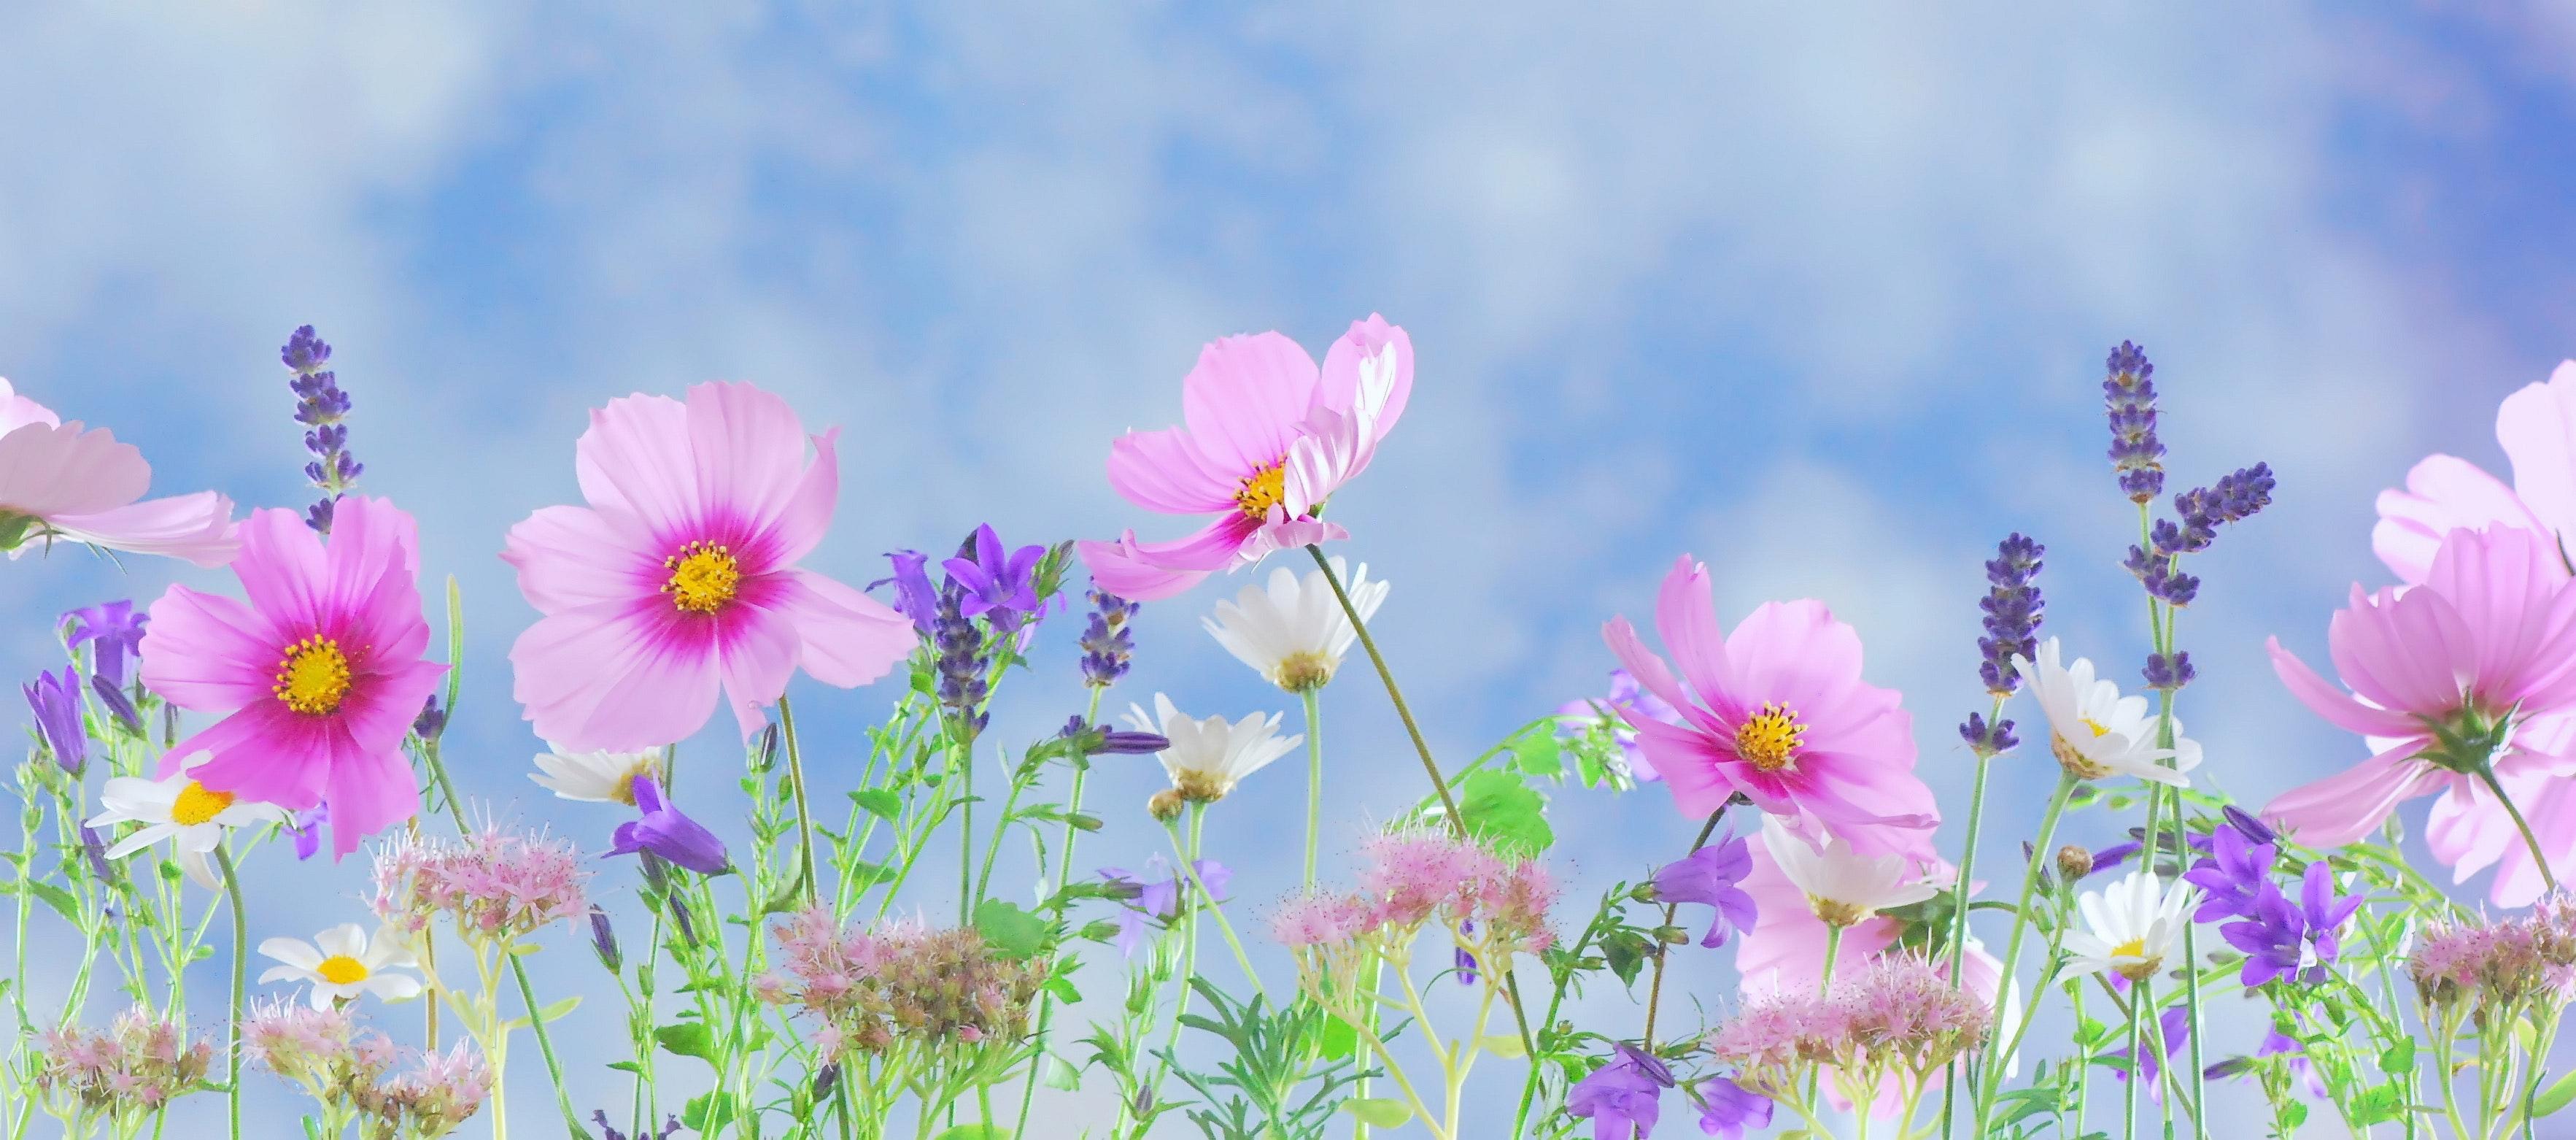 blossom flora